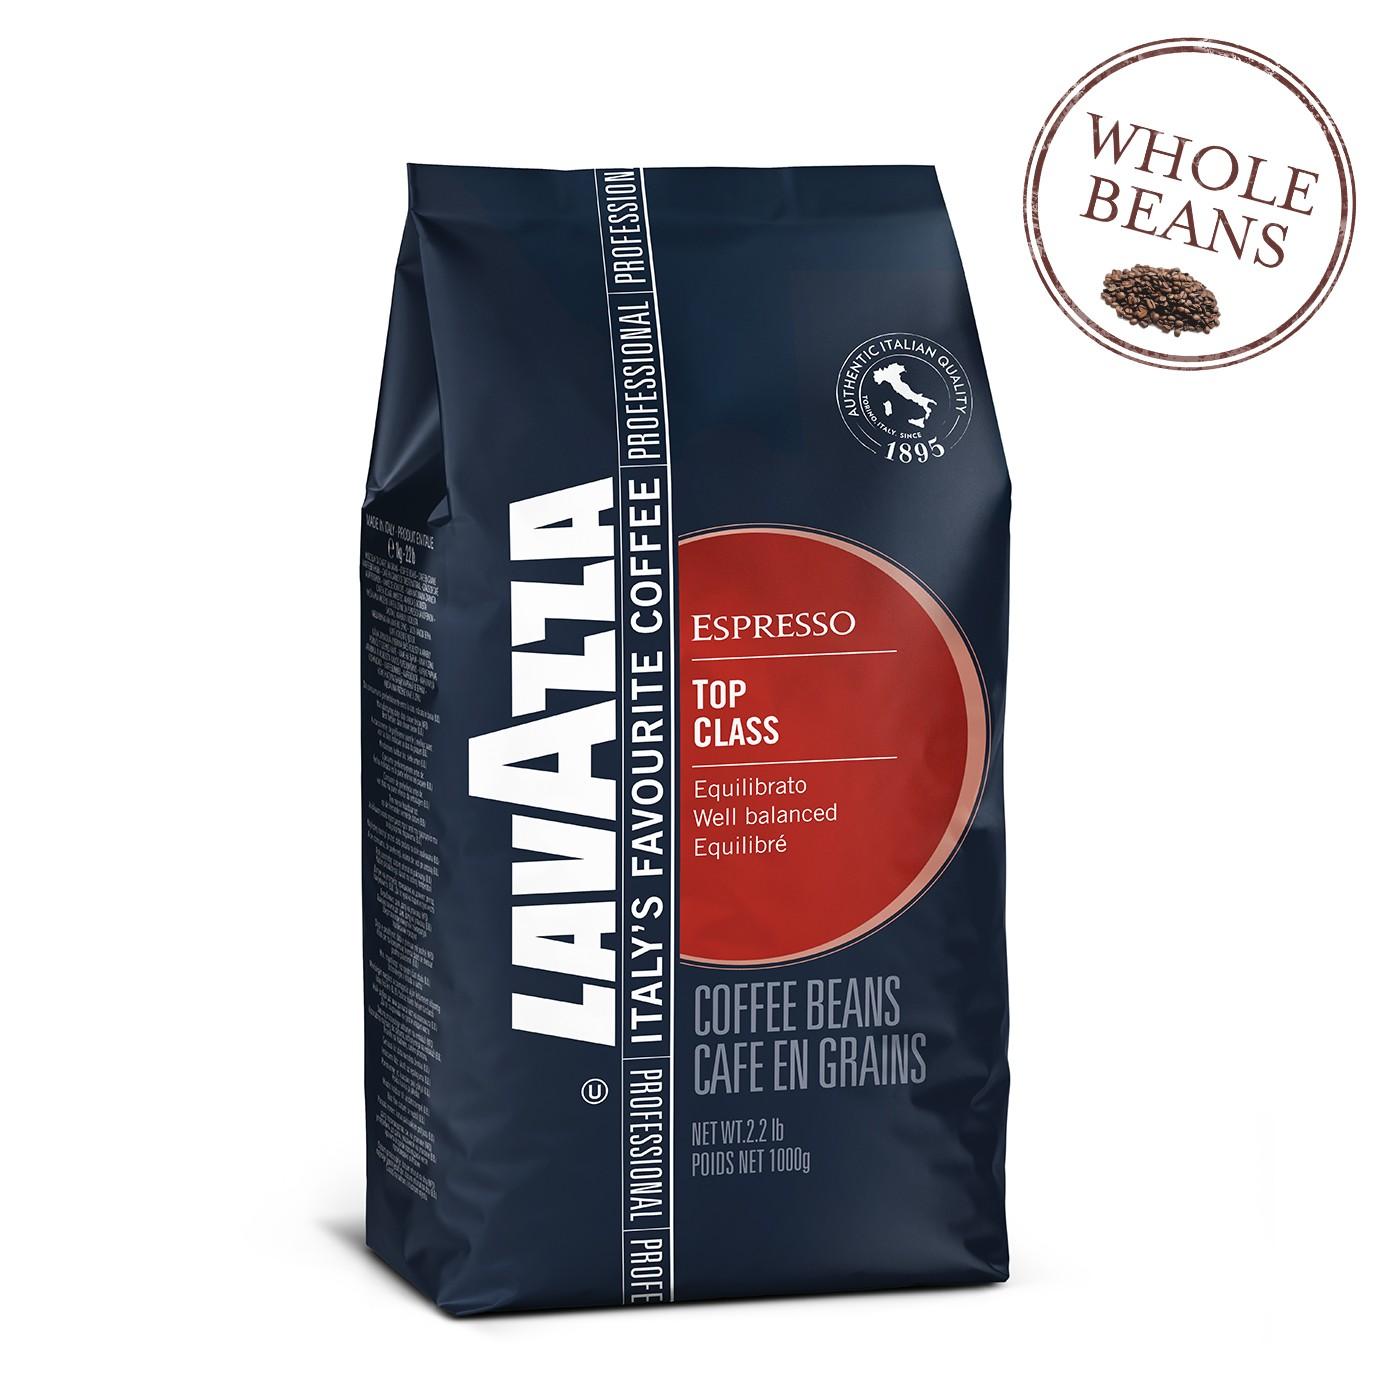 Top Class Espresso 2.2LB